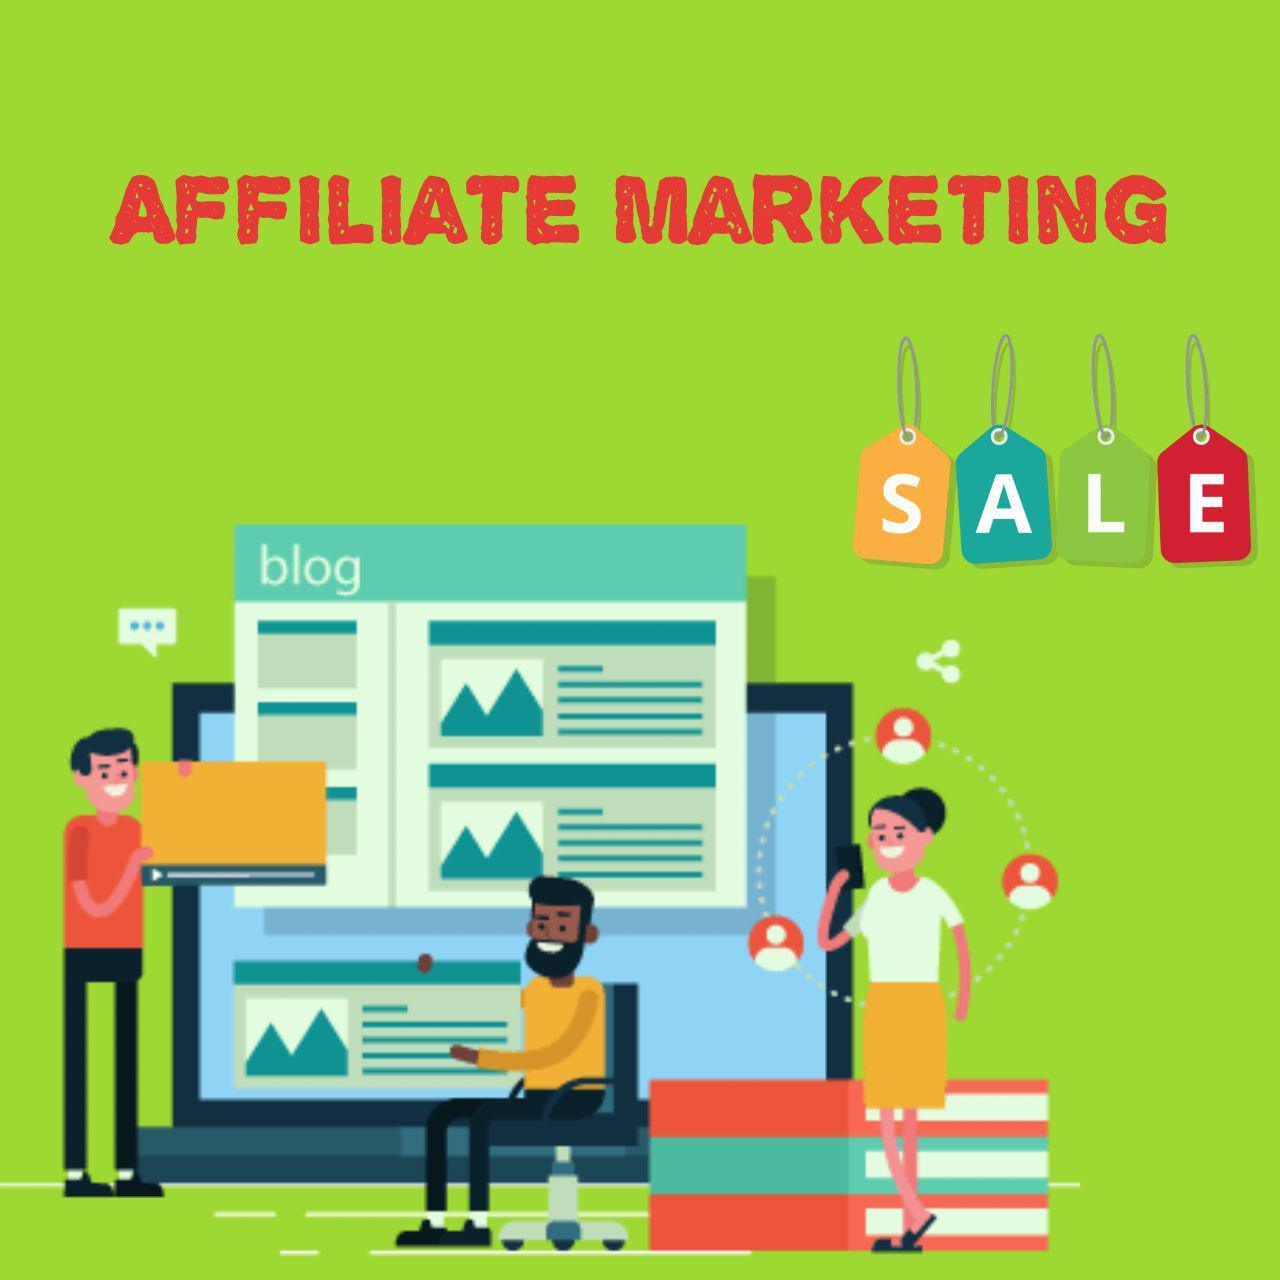 mengapa banyak orang menjalankan bisnis affiliasi, tips untuk menjadi seorang affiliate marketing, bisnis sampingan, bisnis online menjanjikan, cara menghasilkan uang di internet,